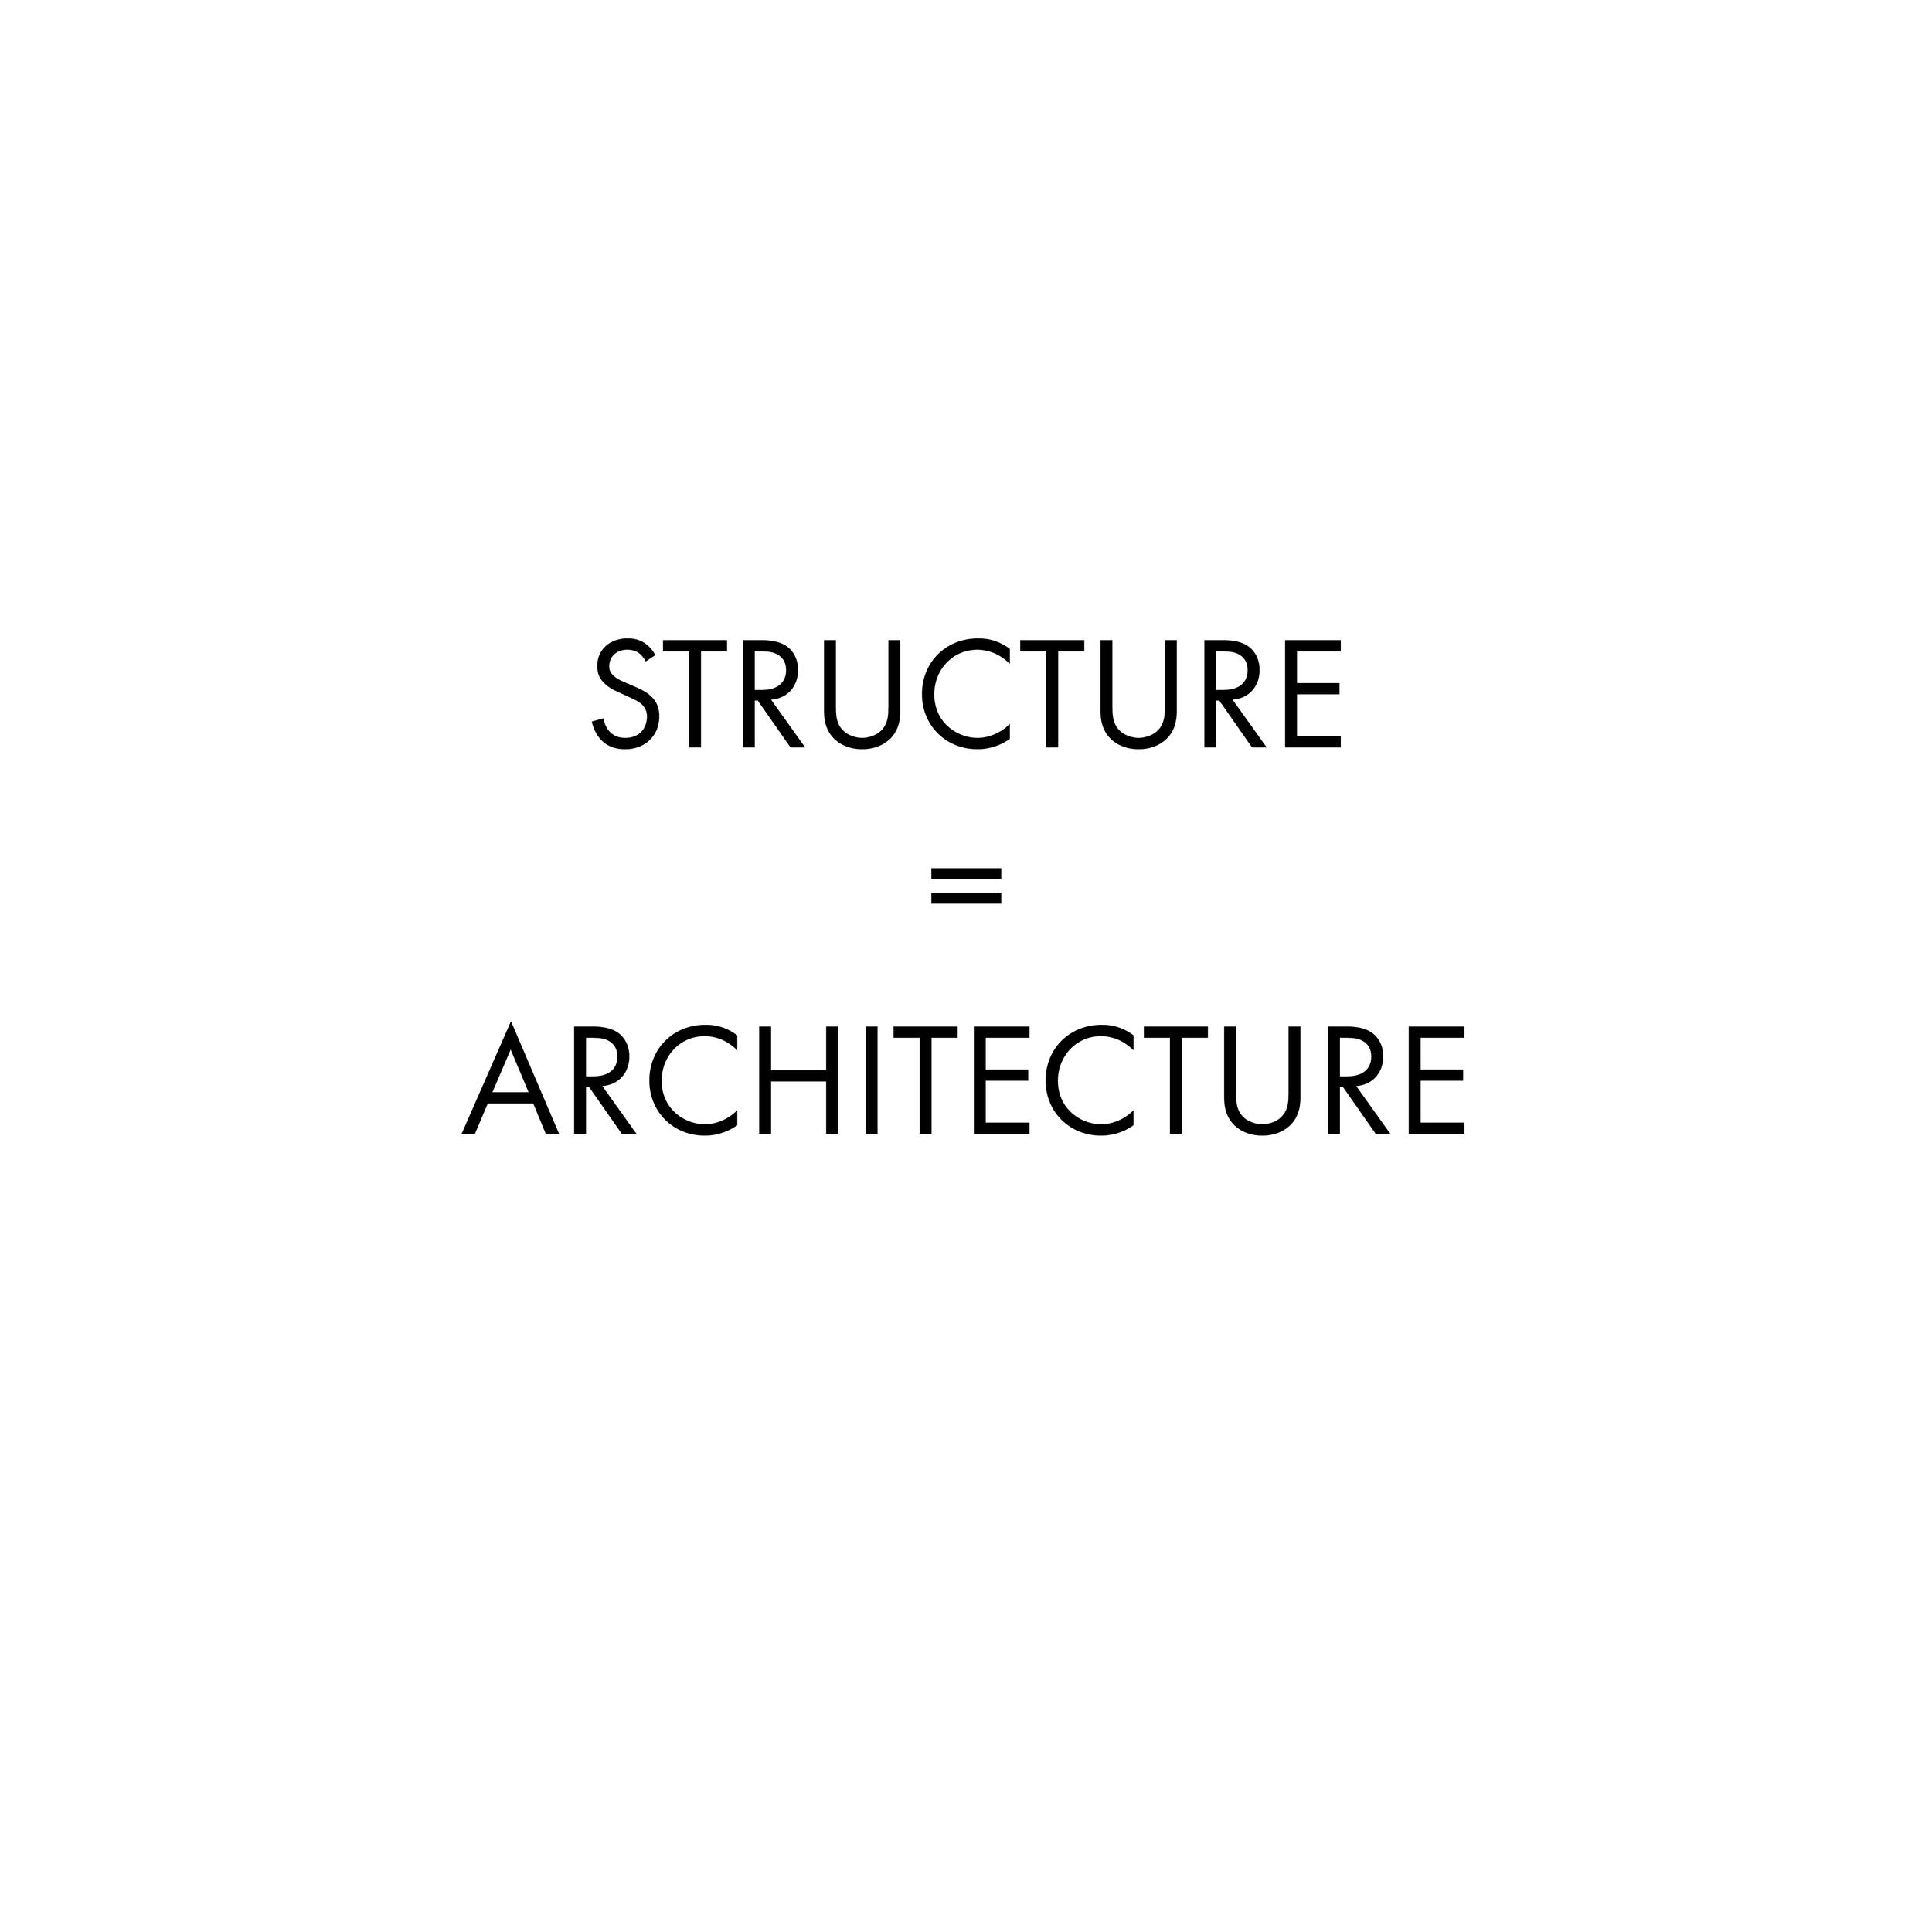 diagram_6_text-01.png